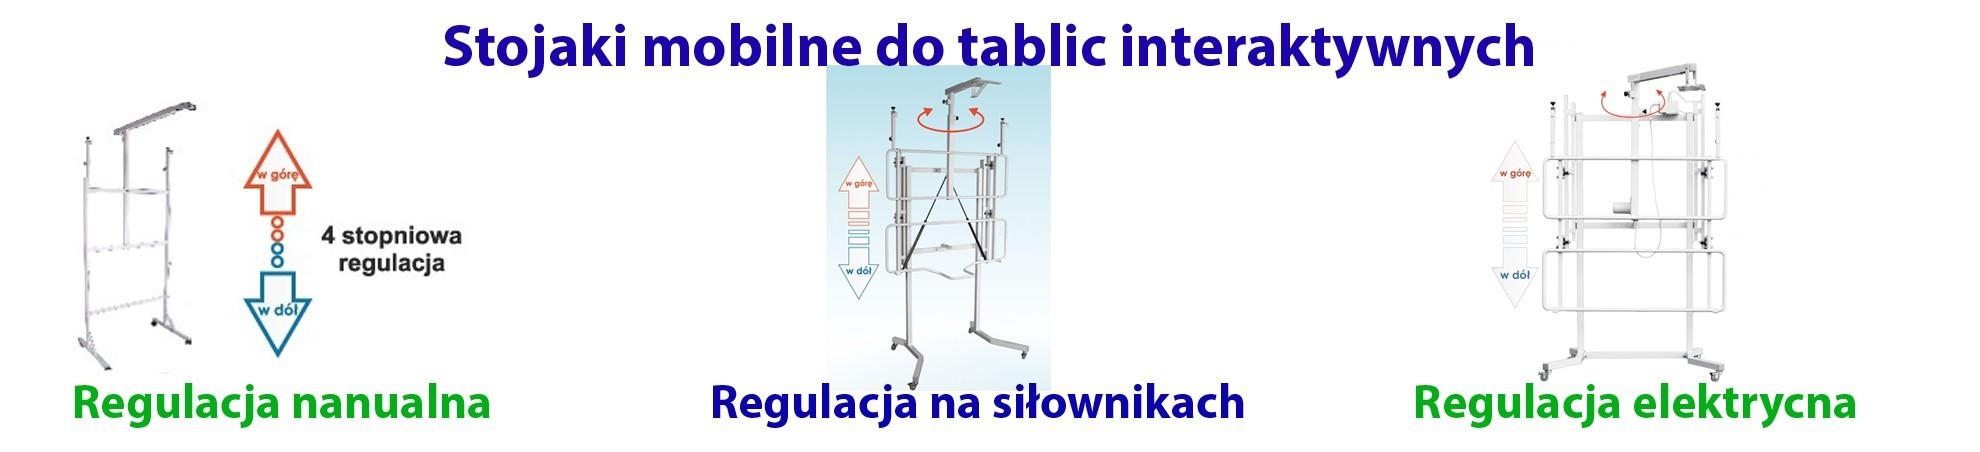 Stojaki do tablic interaktywnych